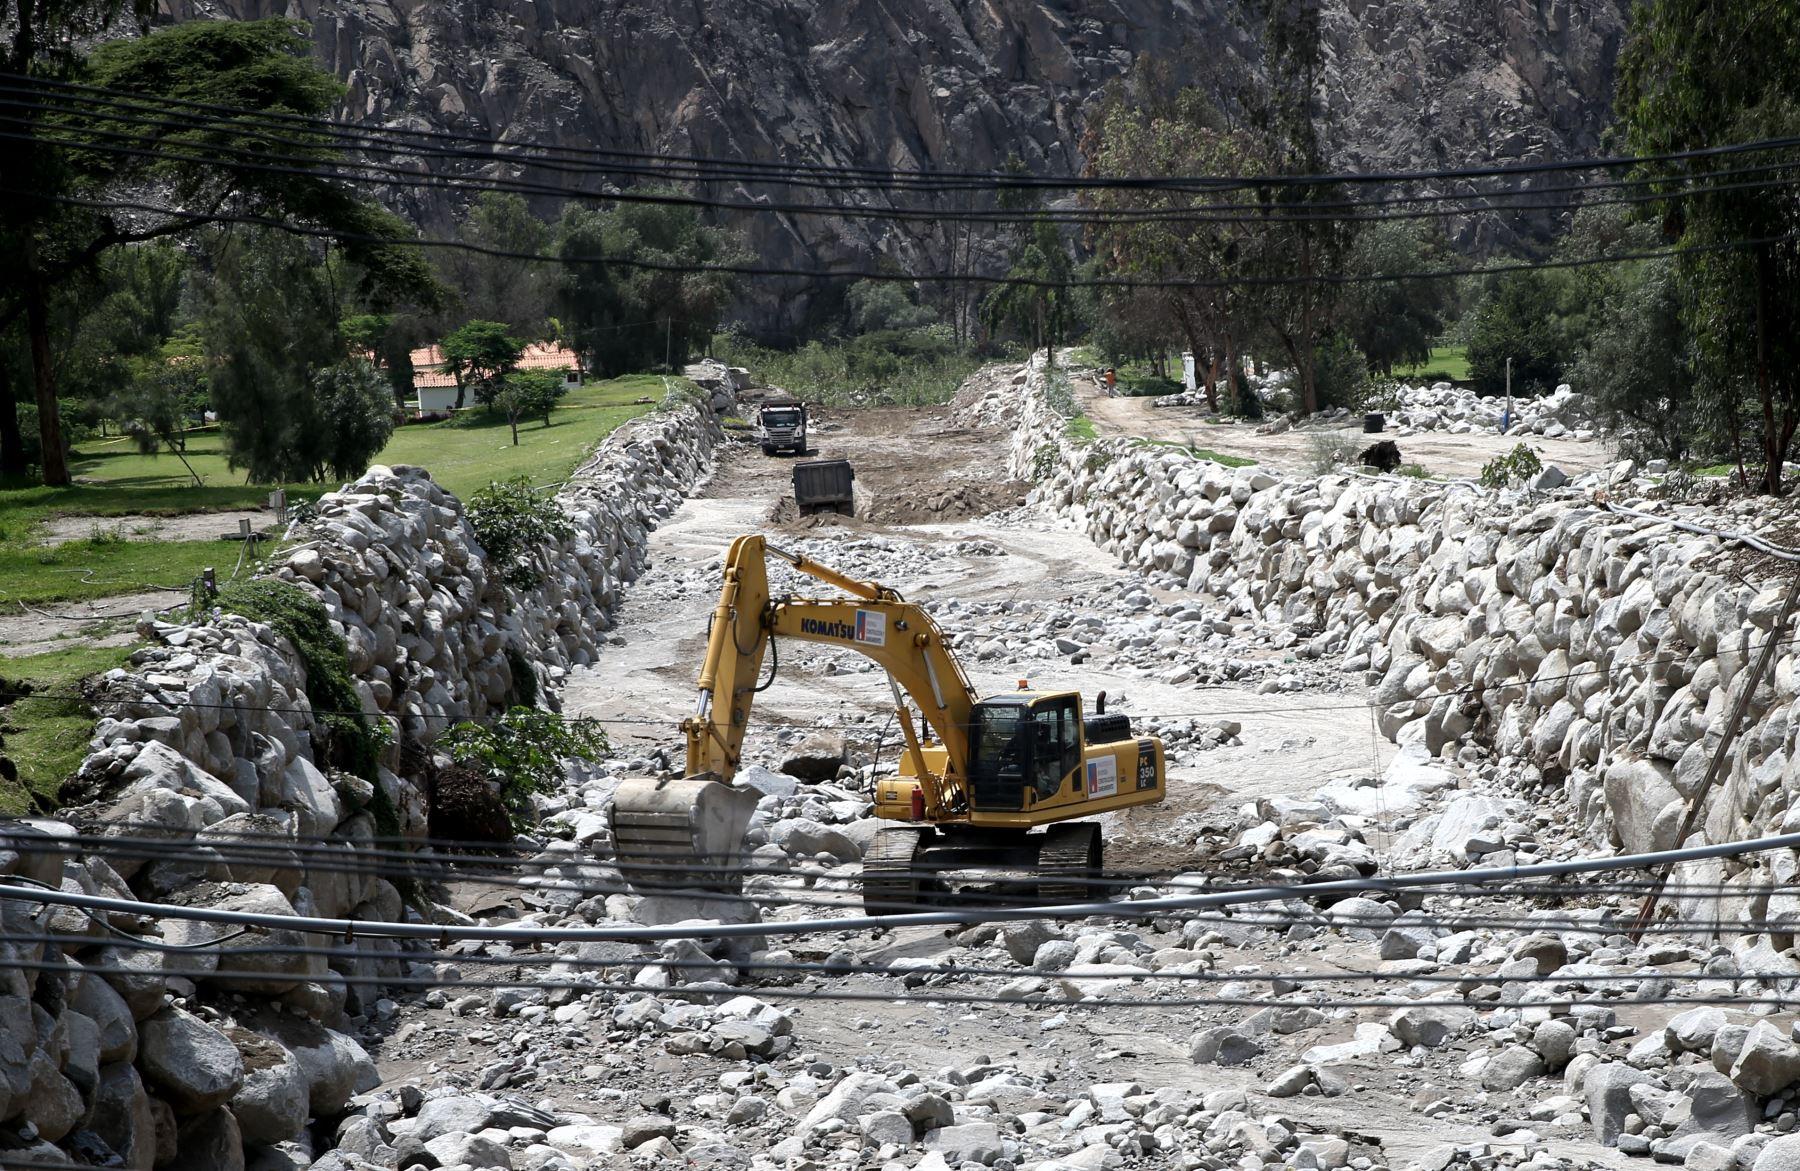 LIMA,PERÚ-ENERO 18.Limpieza de escombros tras caída de huaico en eldistrito de Santa Eulalia.Foto:ANDINA/Oscar Farje Gomero.